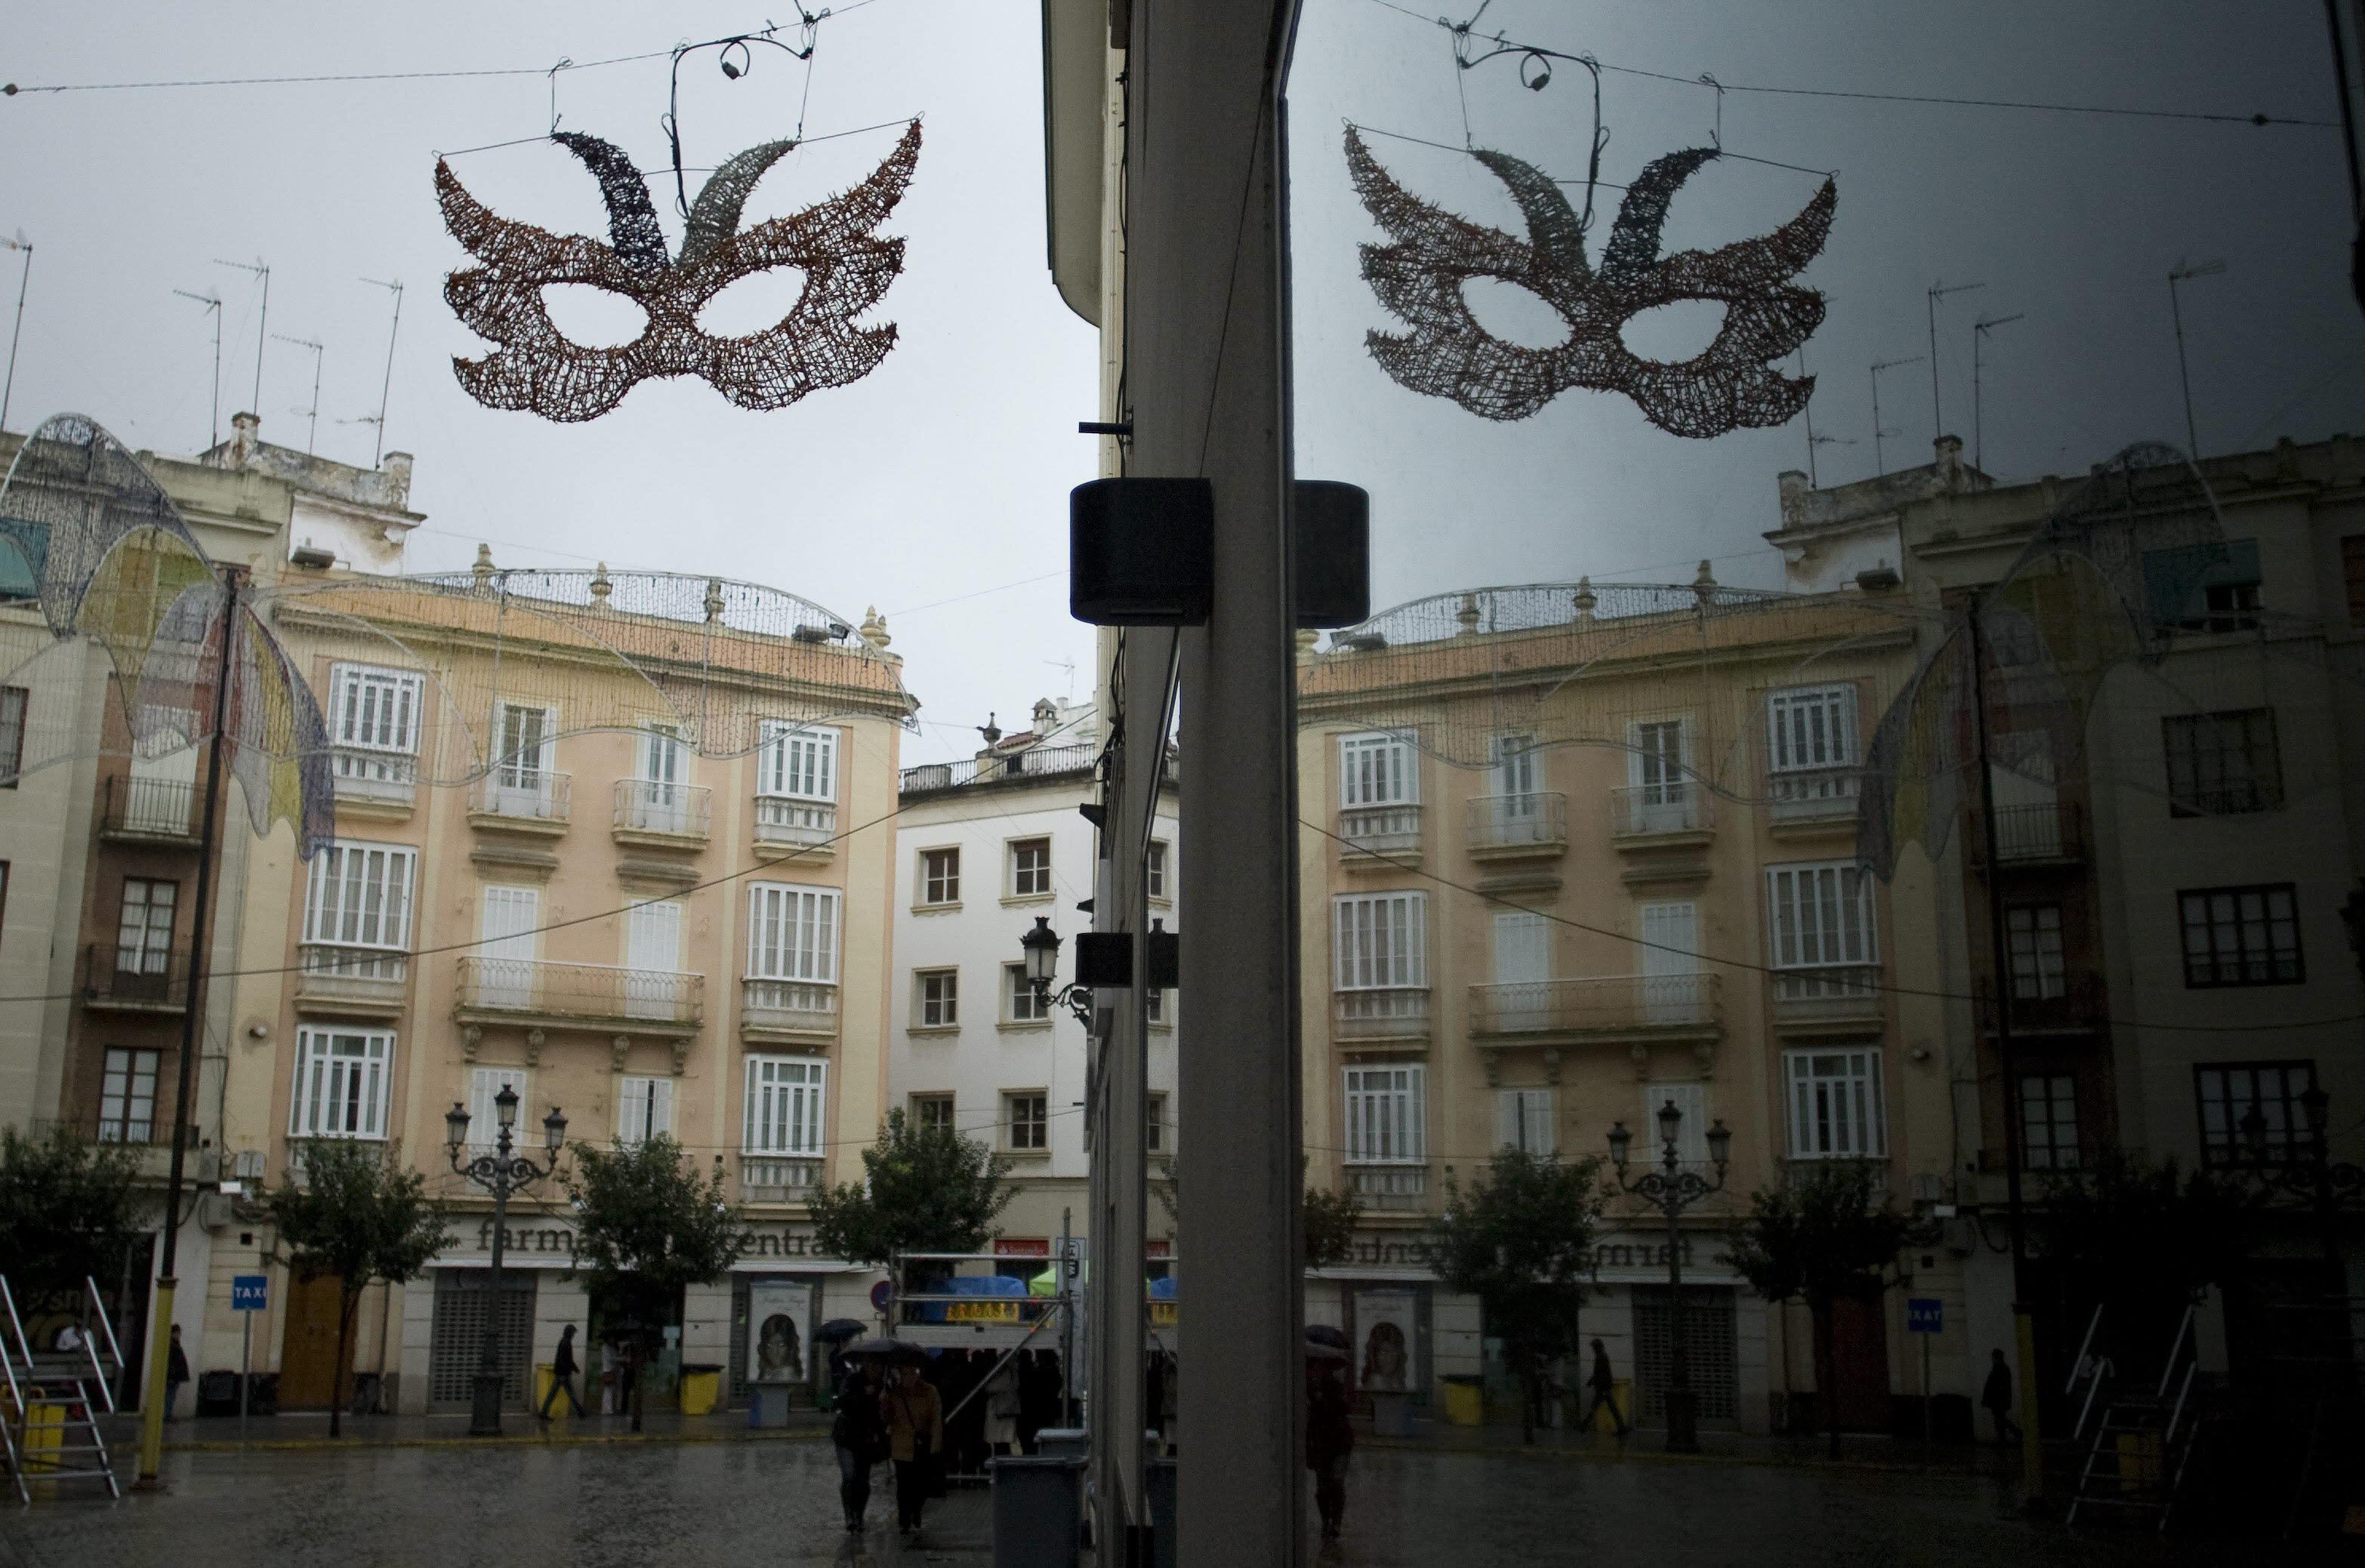 El mal tiempo amenaza el primer fin de semana de Carnaval de Cádiz